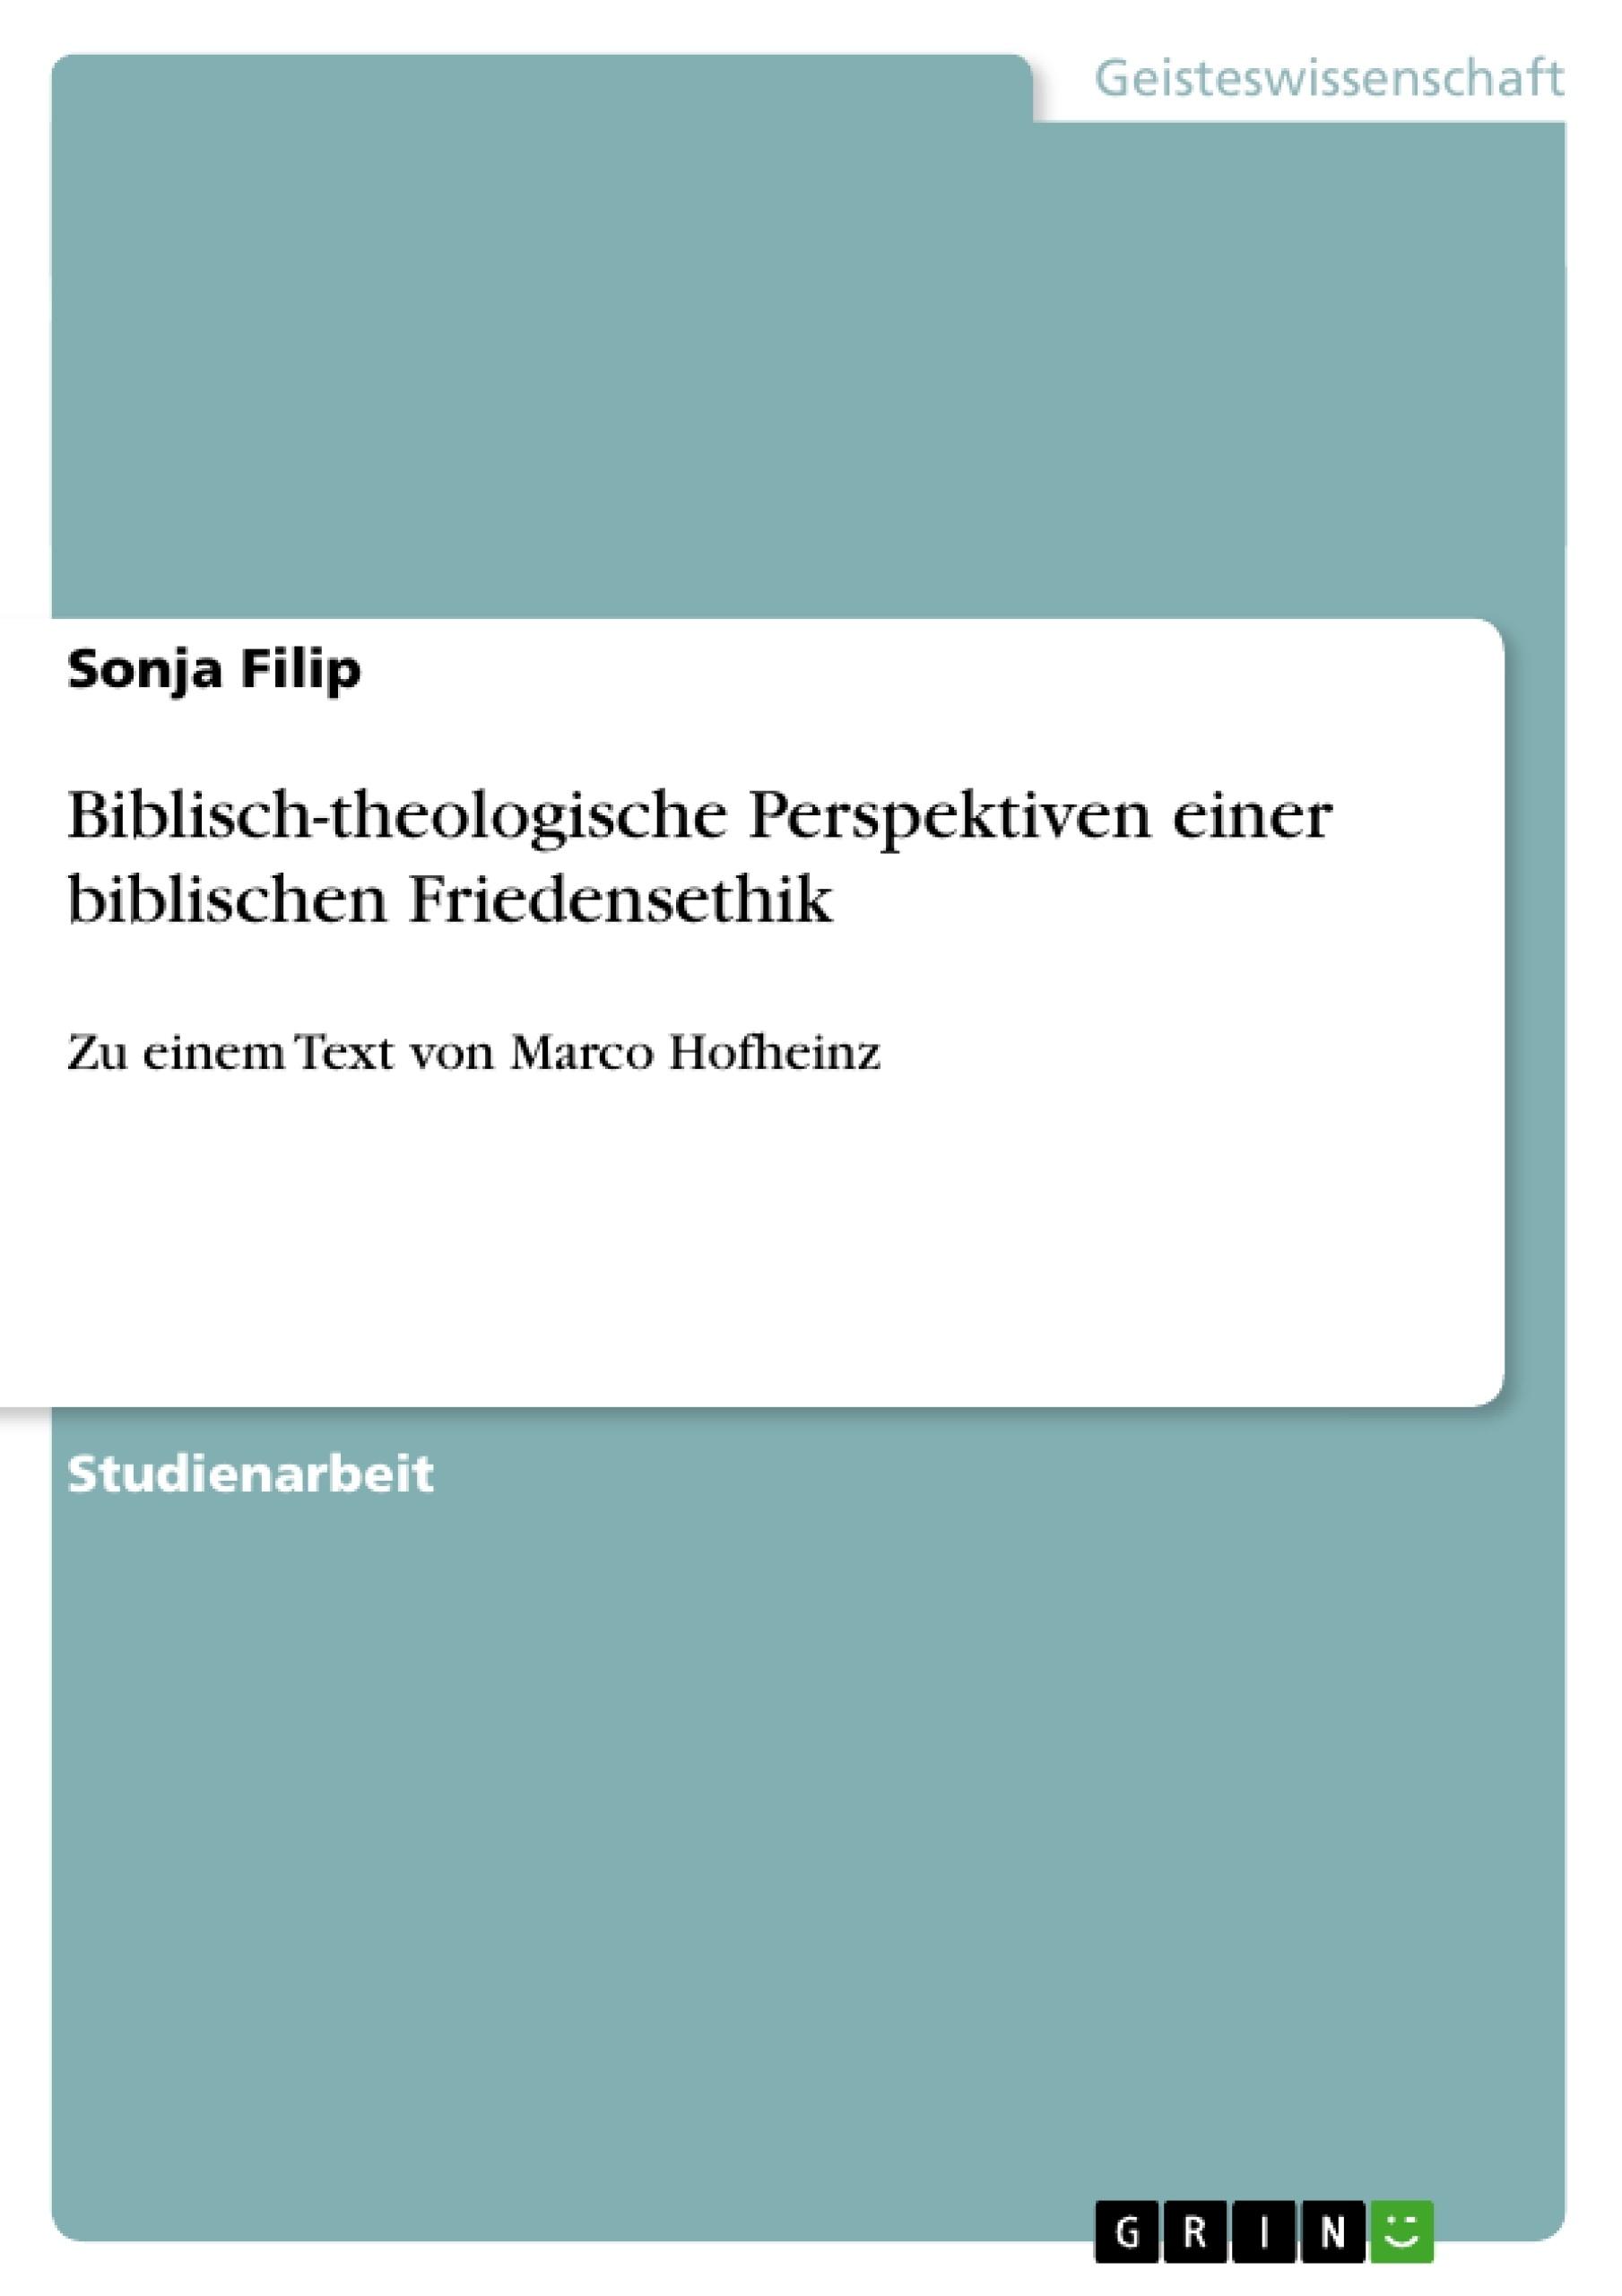 Titel: Biblisch-theologische Perspektiven einer biblischen Friedensethik